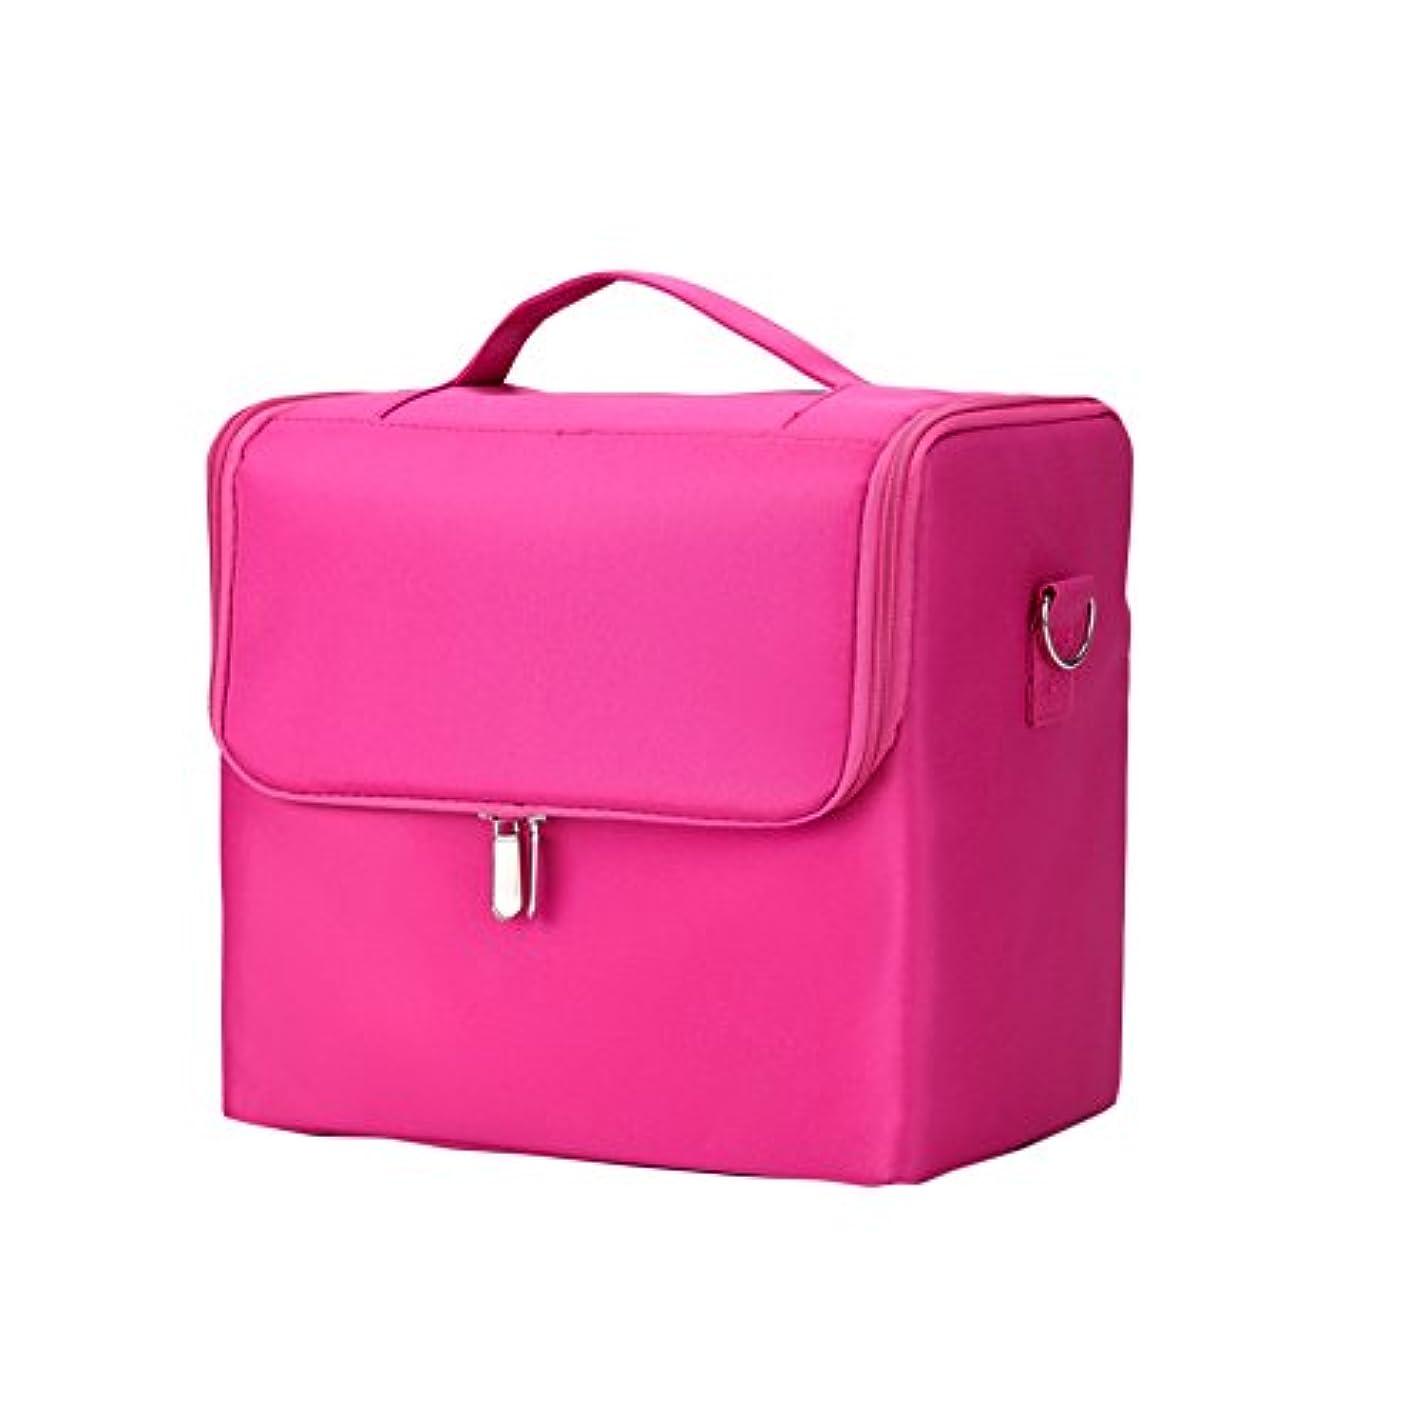 幼児降雨安息SIRIN メイクボックス コスメボックス 大容量 化粧品収納ボックス 収納ケース 小物入れ 大容量 取っ手付 4段階 4色 (ピンク)